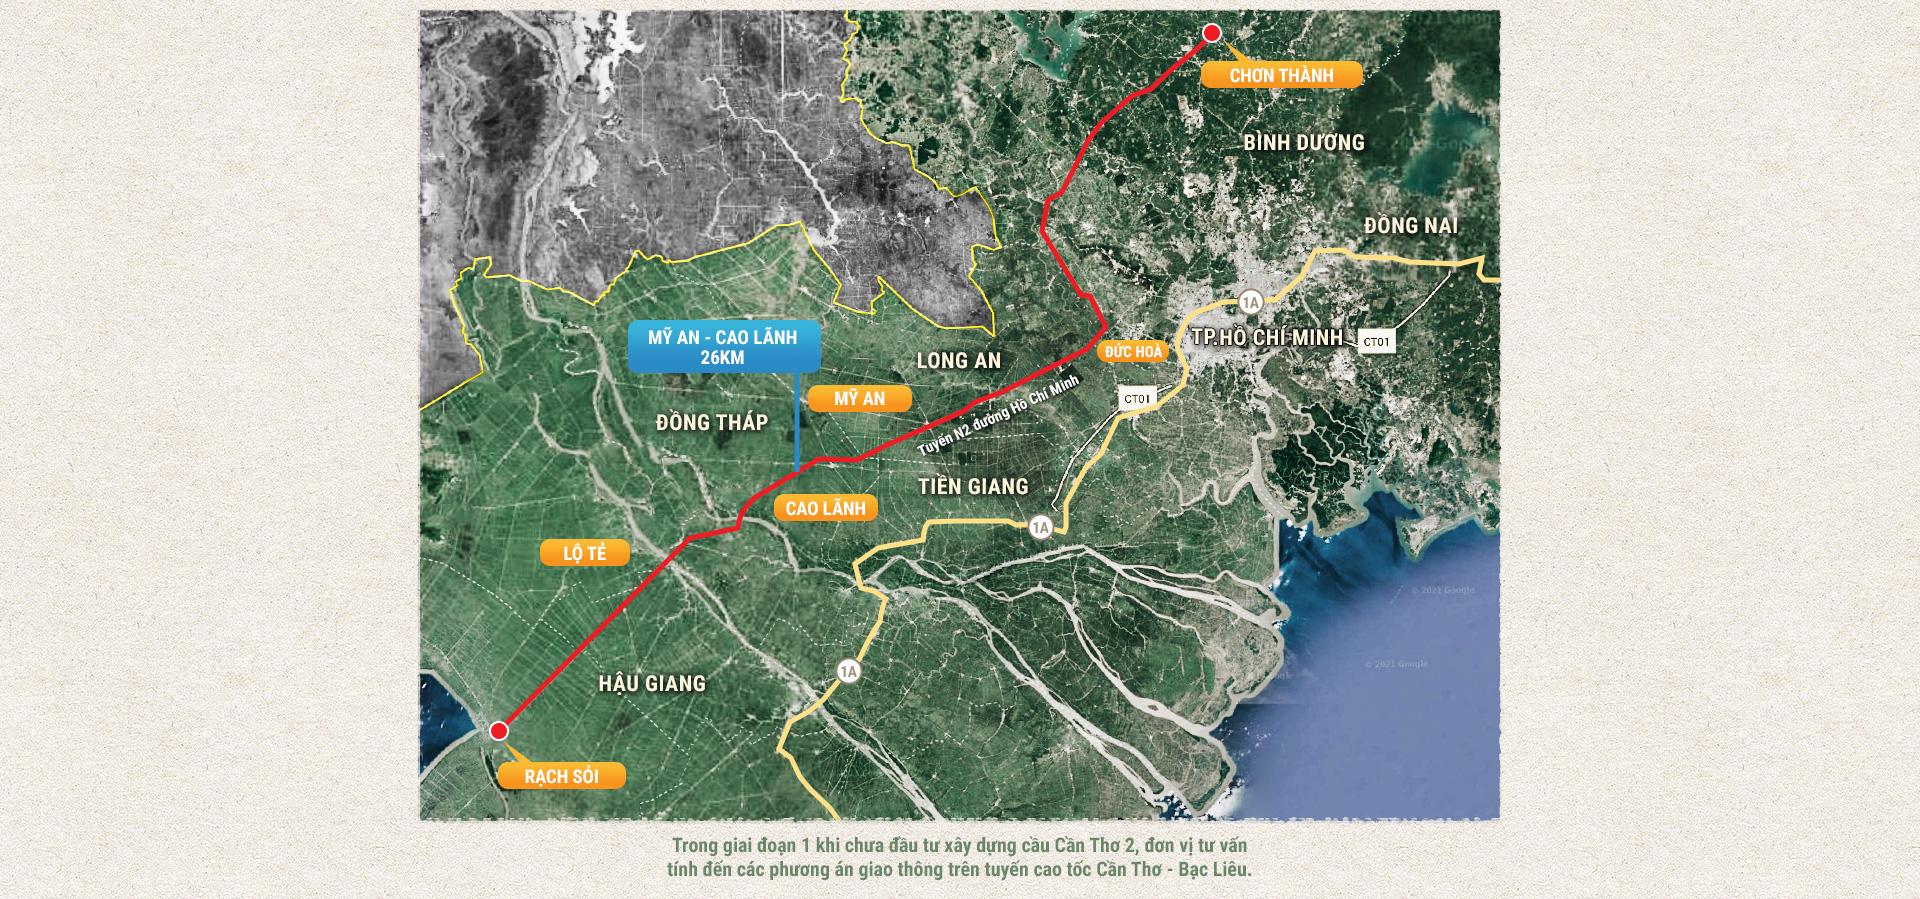 Kỳ 2: Các tuyến cao tốc Bắc - Nam phía Tây - Ảnh 2.